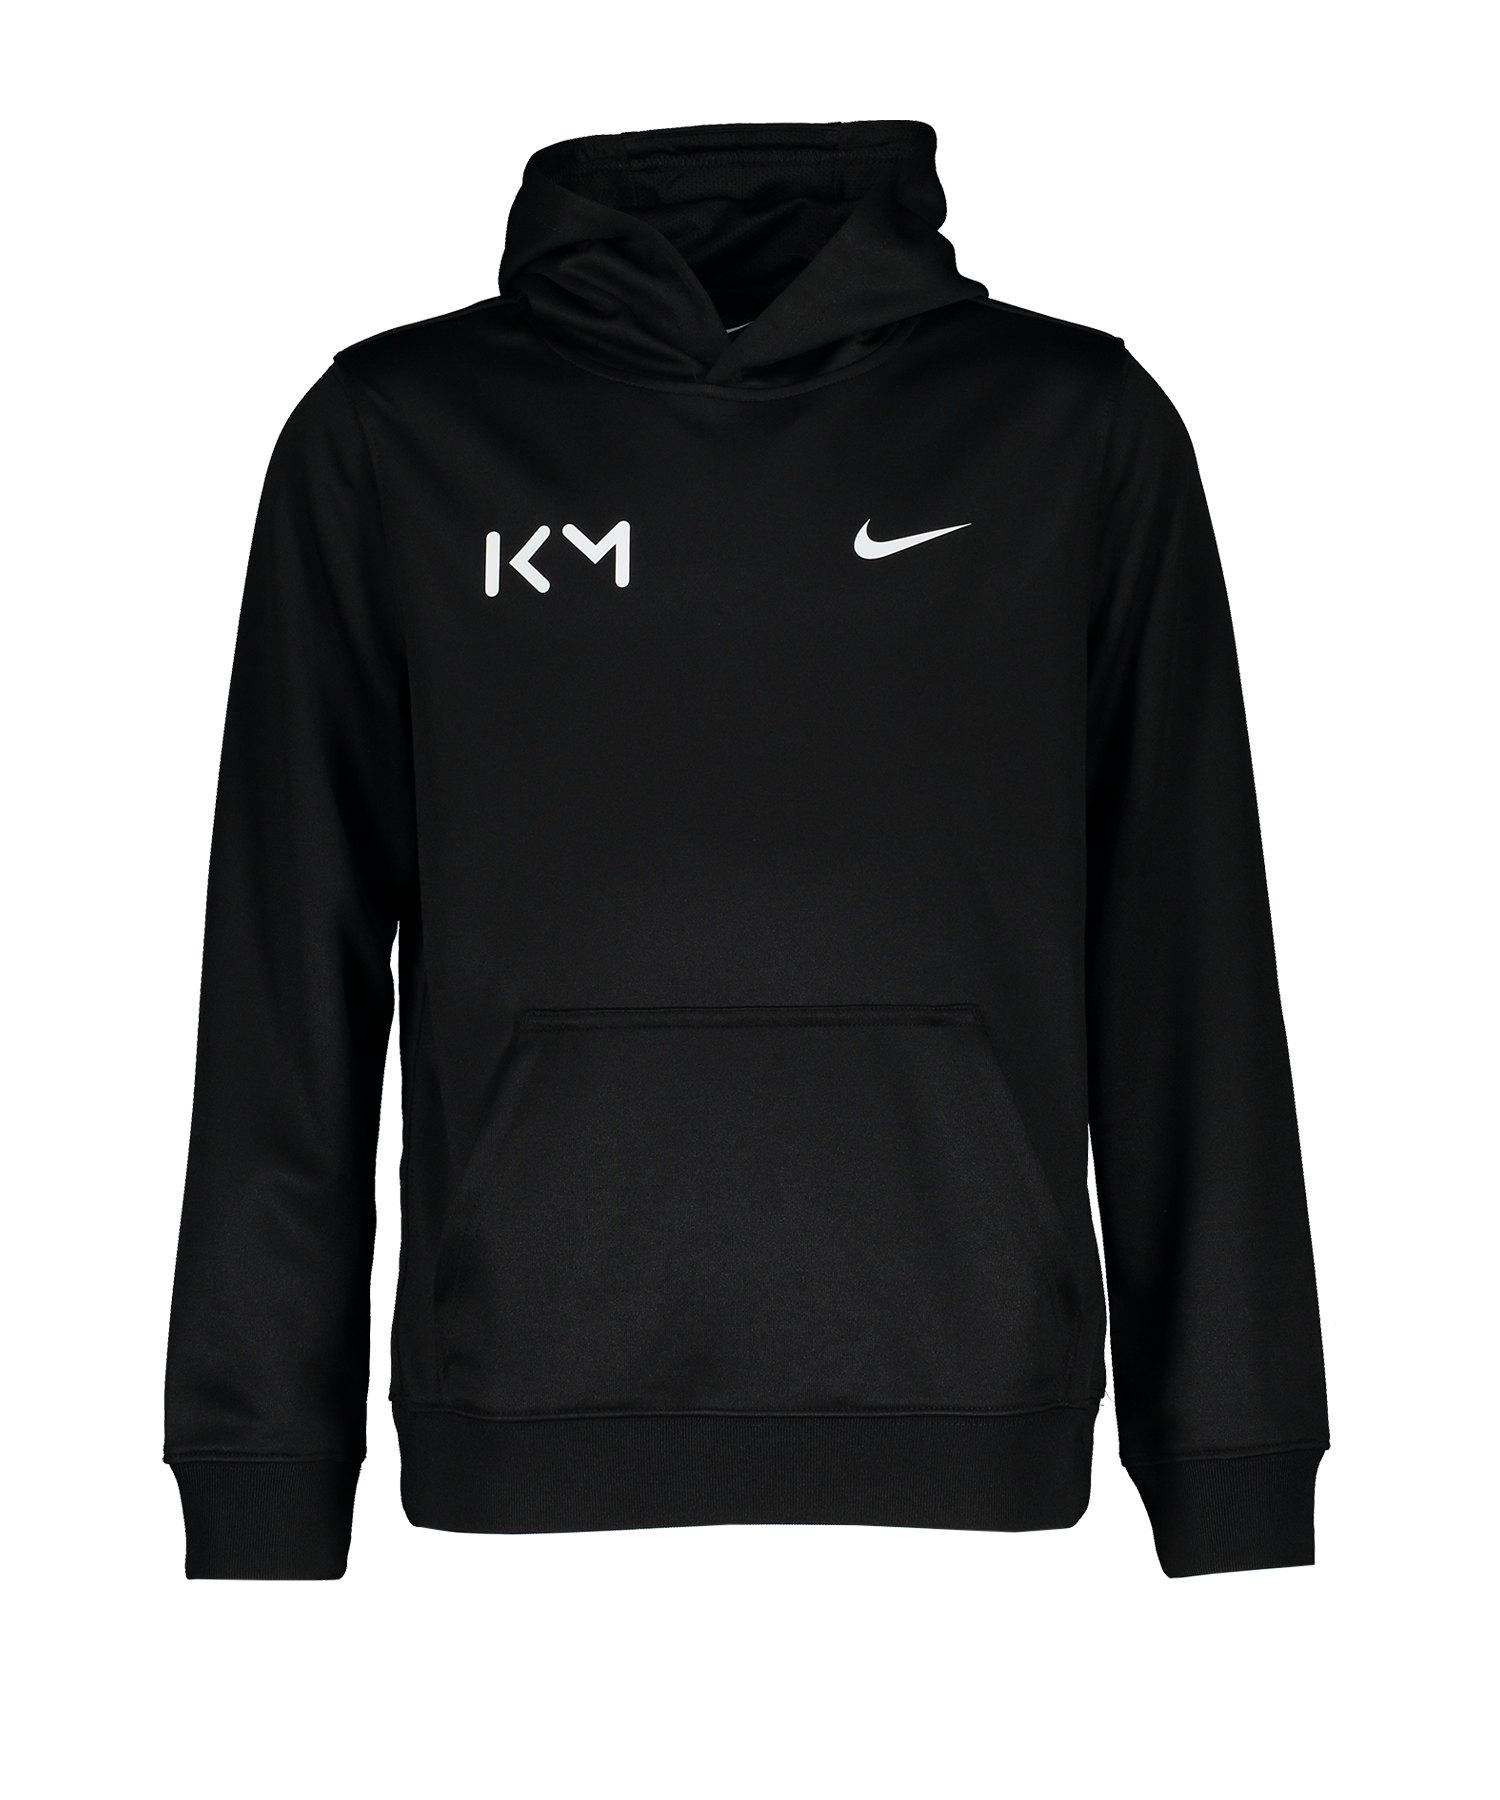 Nike Trainingssweat langarm Kids Schwarz F010 - schwarz